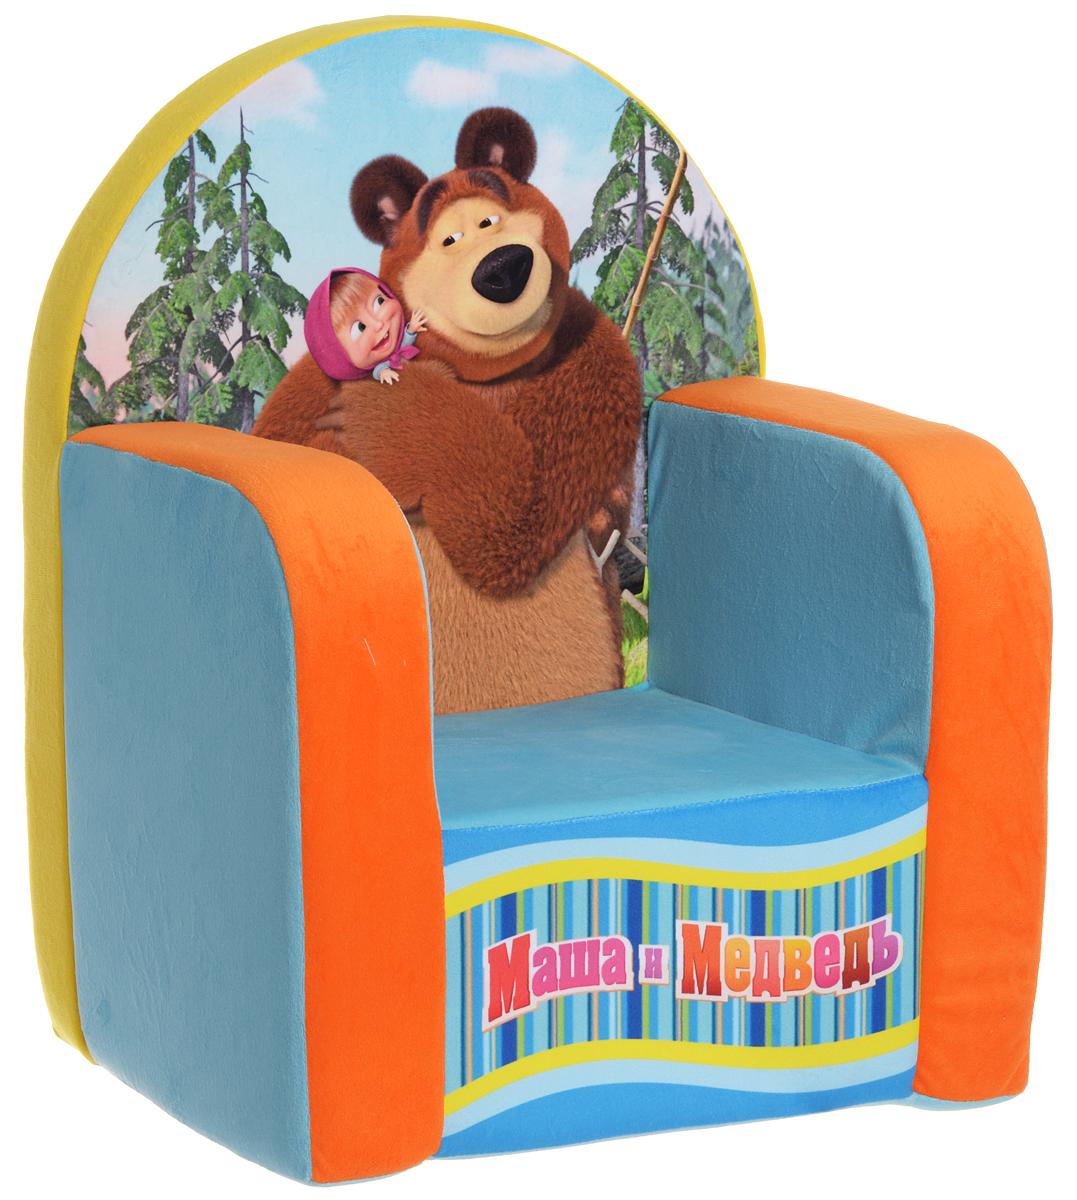 СмолТойс Мягкая игрушка Кресло Маша и Медведь 54 см, Смол Тойс